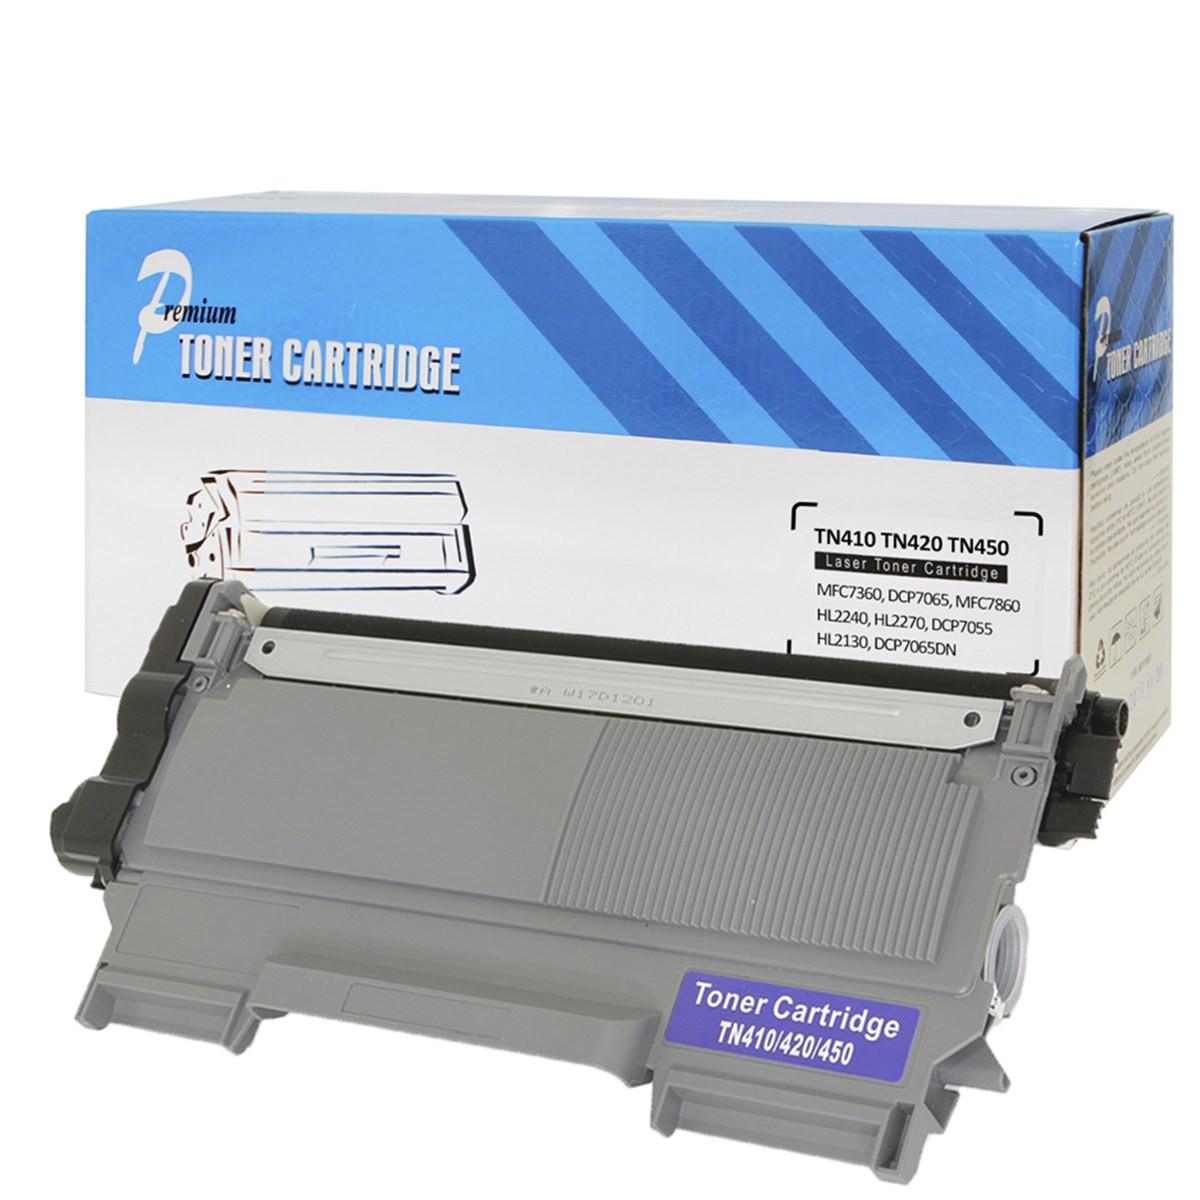 Toner Compatível Brother TN410   HL2130 HL2240 HL2230 DCP7055 MFC7360N MFC7460DN   Premium 2.6k